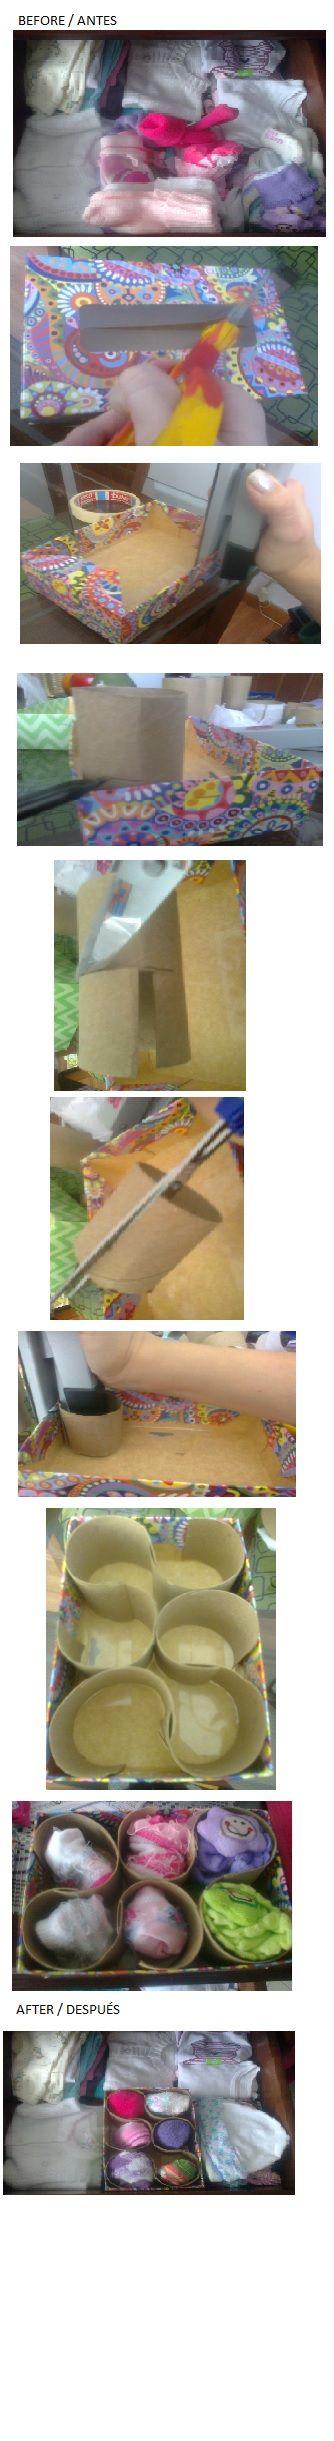 Socks Organizer / Organizador de medias usando cajas de pañuelos faciales y tubos de cartón. L.P.J.V.